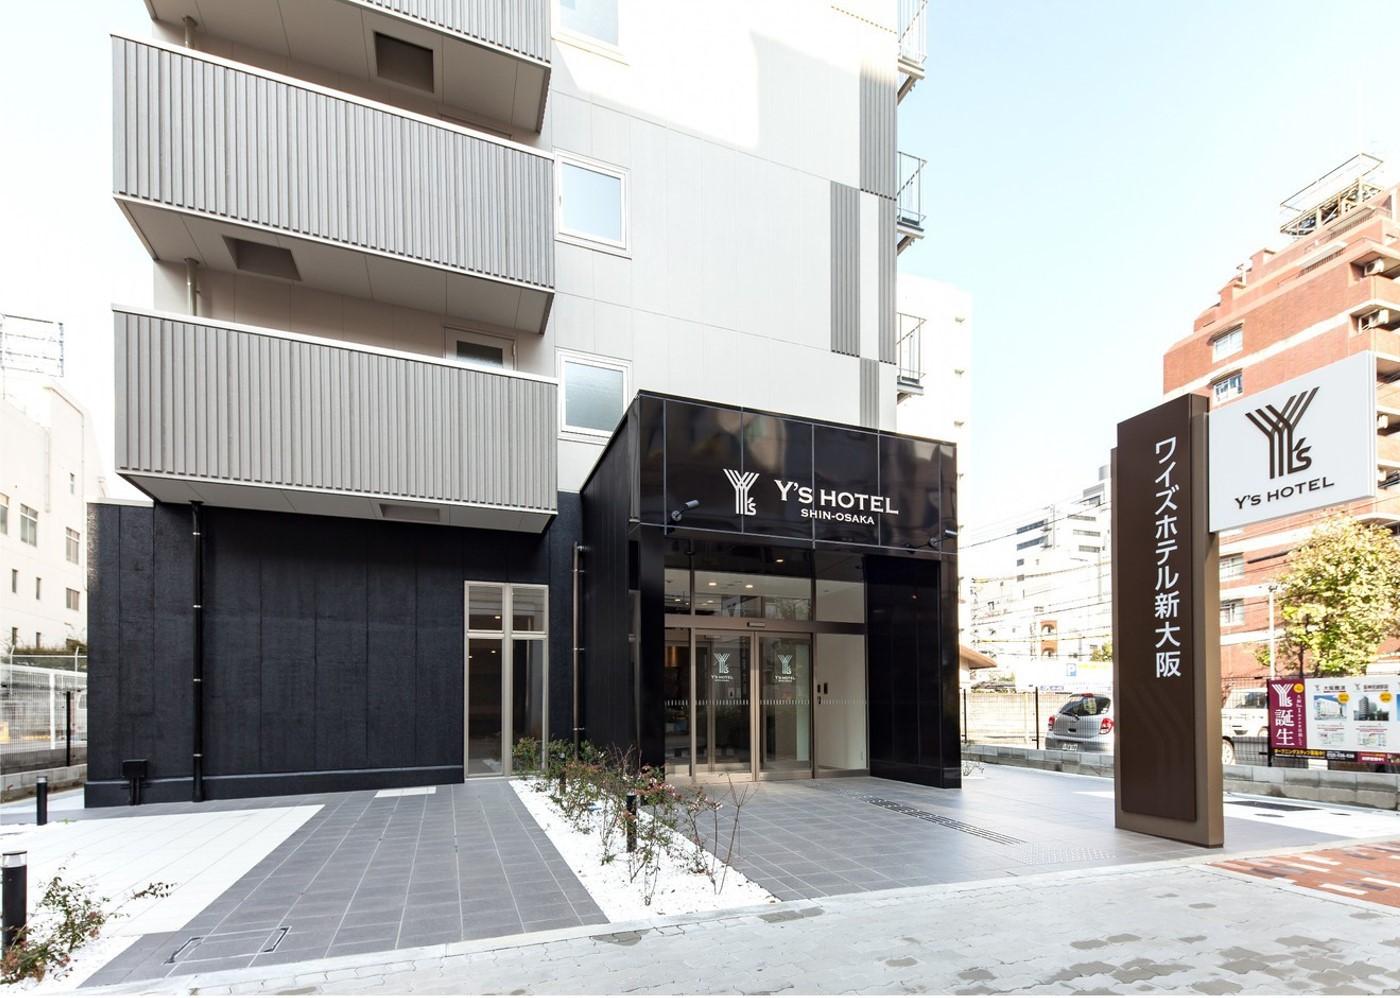 Y's HOTEL 新大阪...